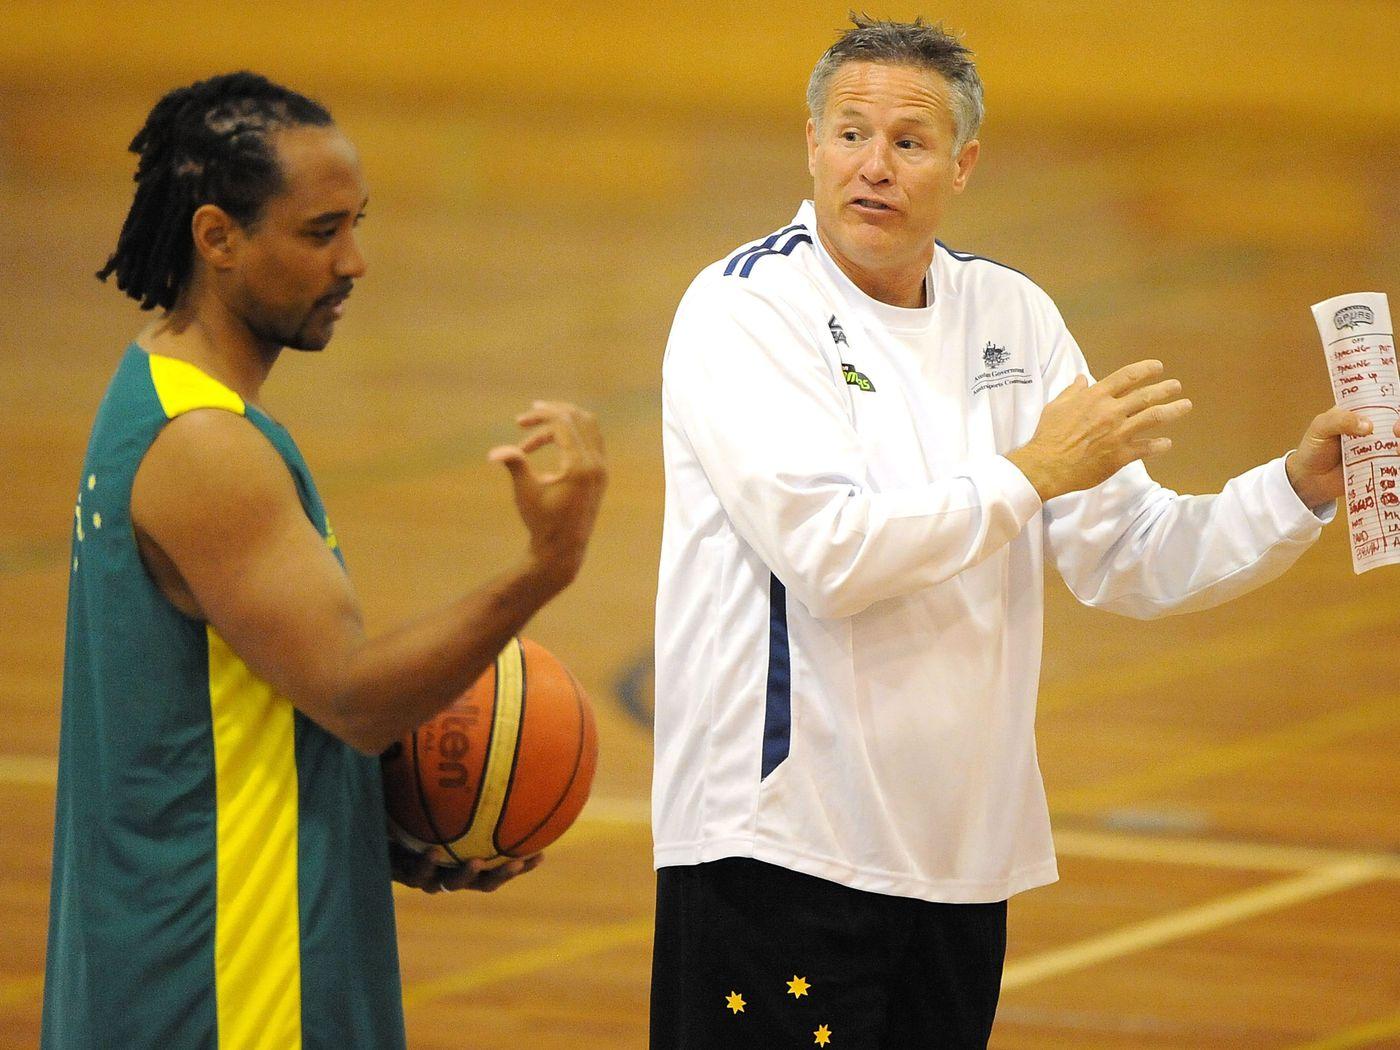 布雷特-布朗已经辞掉澳大利亚男篮国家队主帅一职